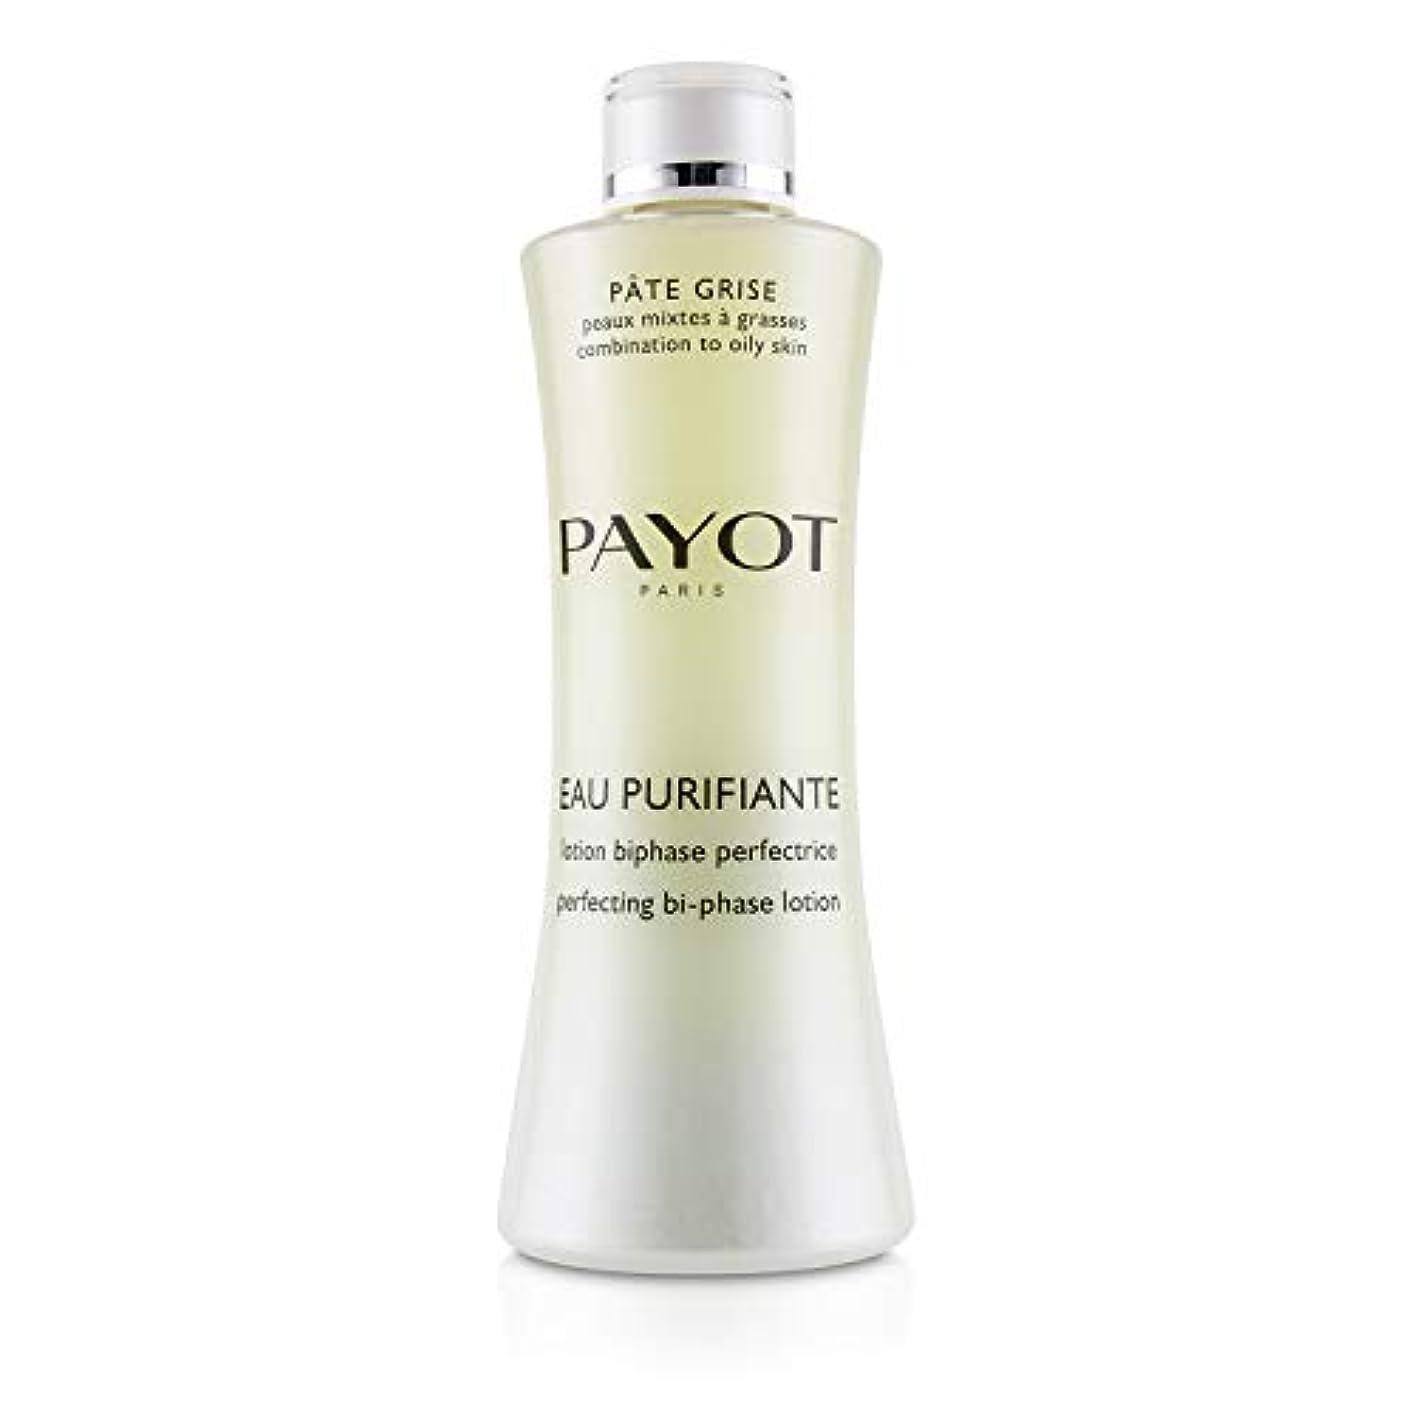 カフェ発音相手パイヨ Pate Grise Eau Purifiante Perfecting Bi-Phase Lotion (Salon Size) 400ml/13.5oz並行輸入品